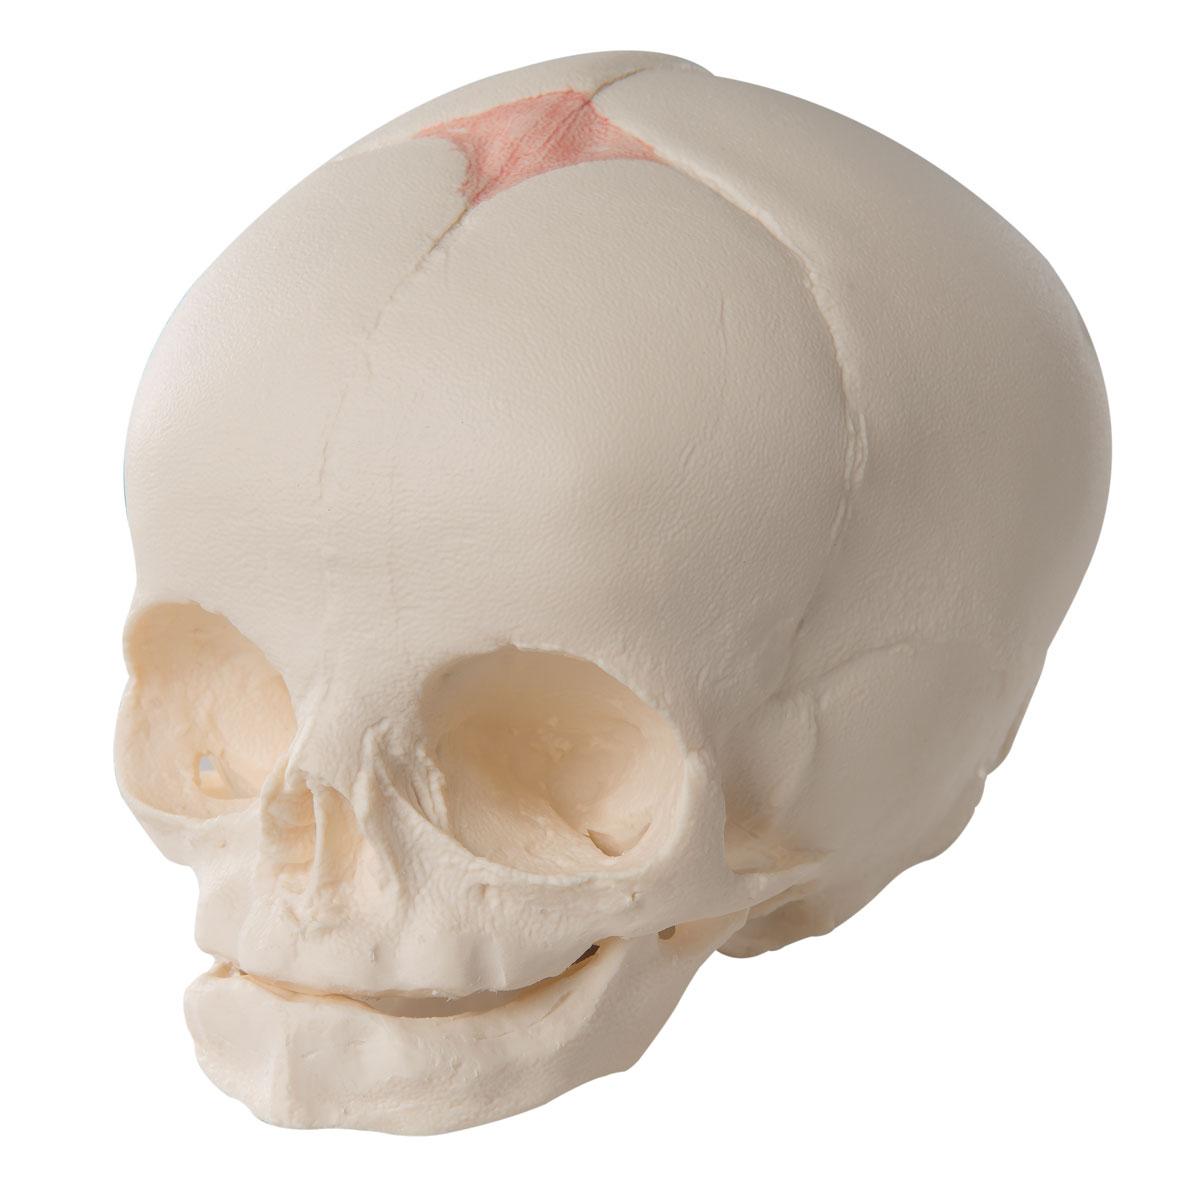 Foetal Skull A25 – Anatomical Parts & Charts